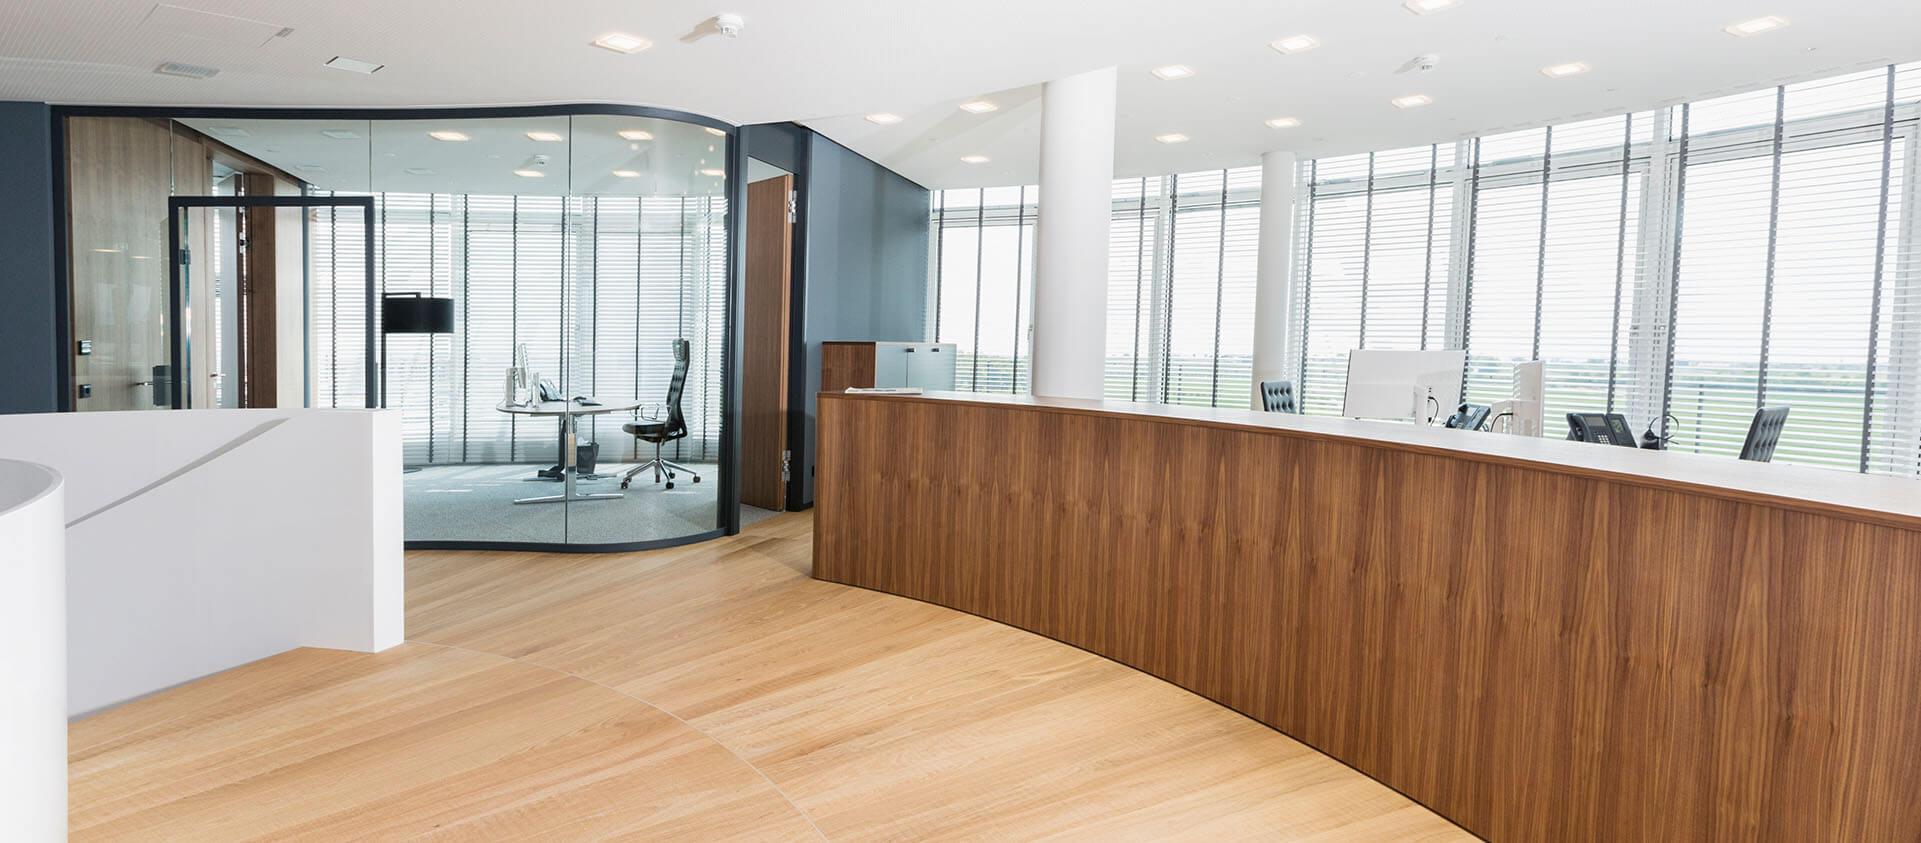 Bürogebäude geplant von Florian + Eberhard Horn, Empfang mit Blick auf Office